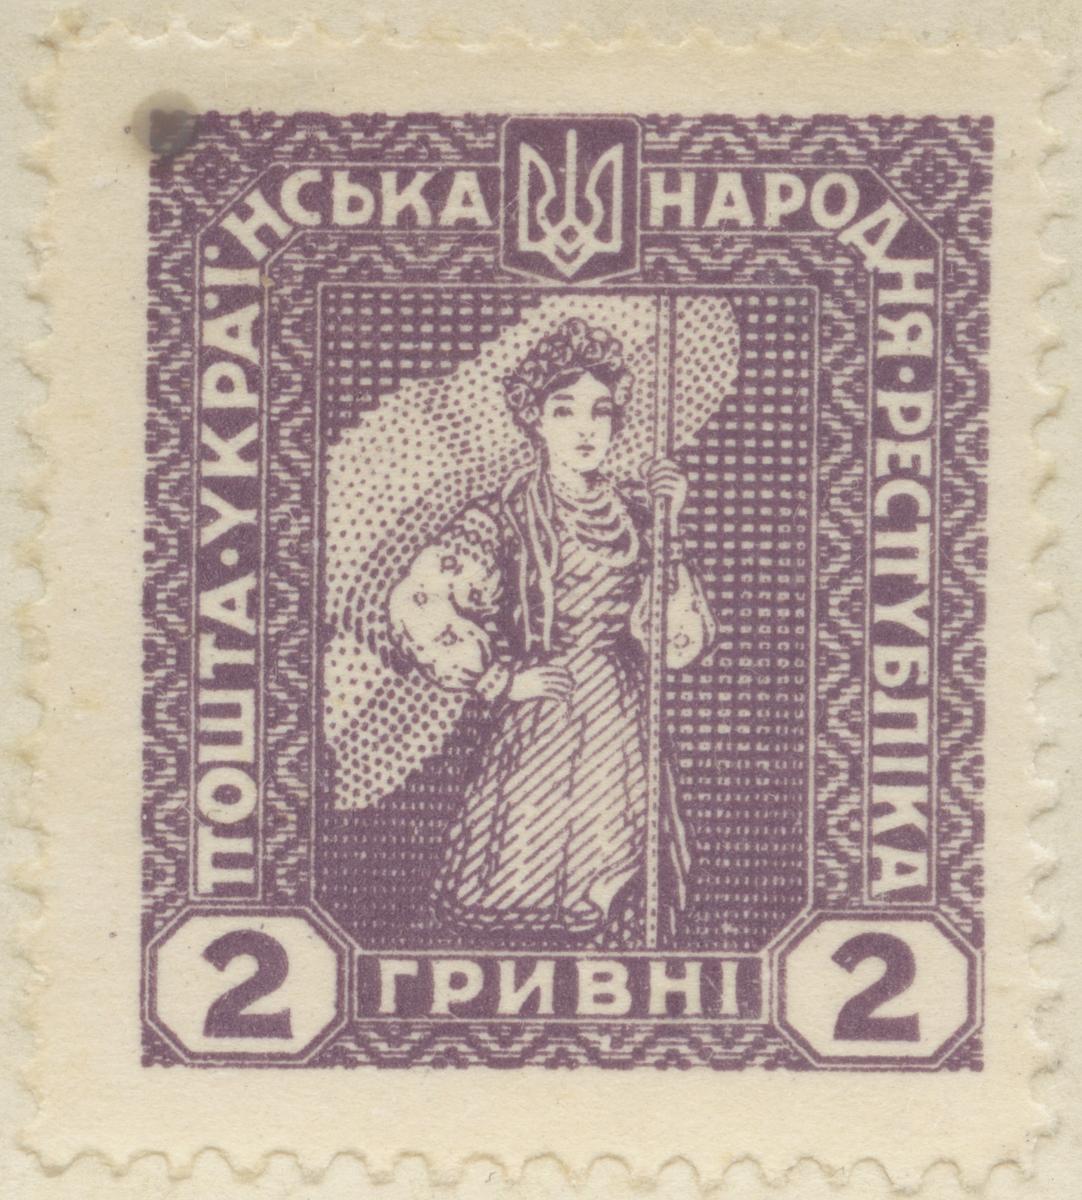 Frimärke ur Gösta Bodmans filatelistiska motivsamling, påbörjad 1950. Frimärke från Ukraina, 1921. Motiv av kvinnodräkt.